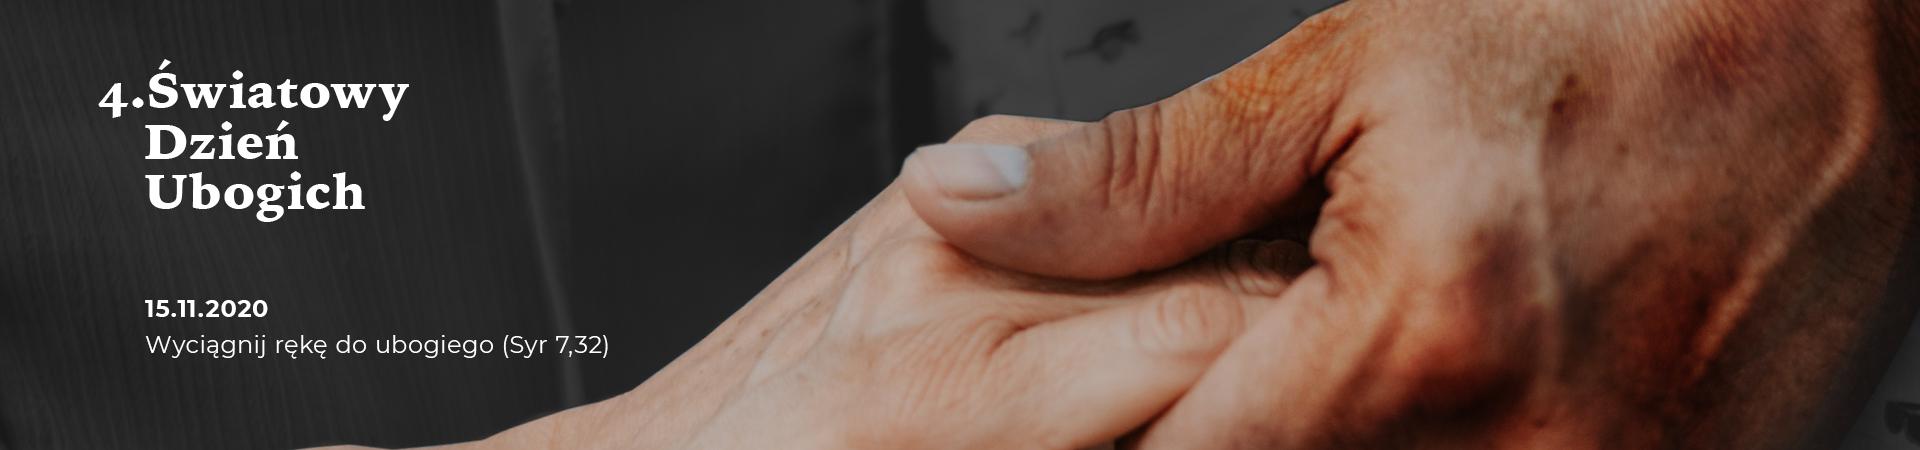 Nie trzymaj rąk w kieszeni. Wyciągnij je do ubogiego! – 4. Światowy Dzień Ubogich